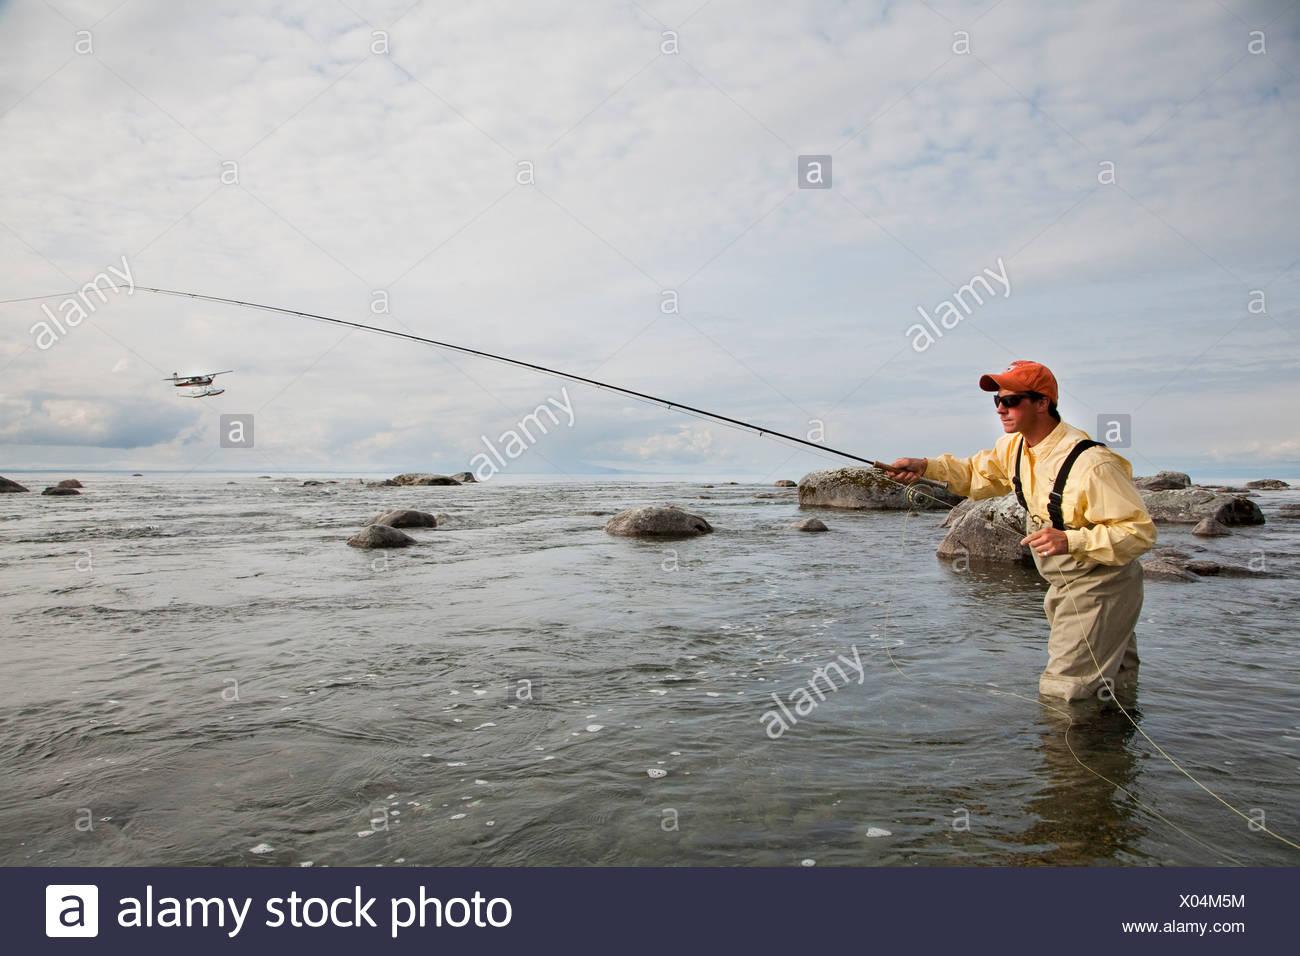 Angler Stock Photos & Angler Stock Images - Alamy